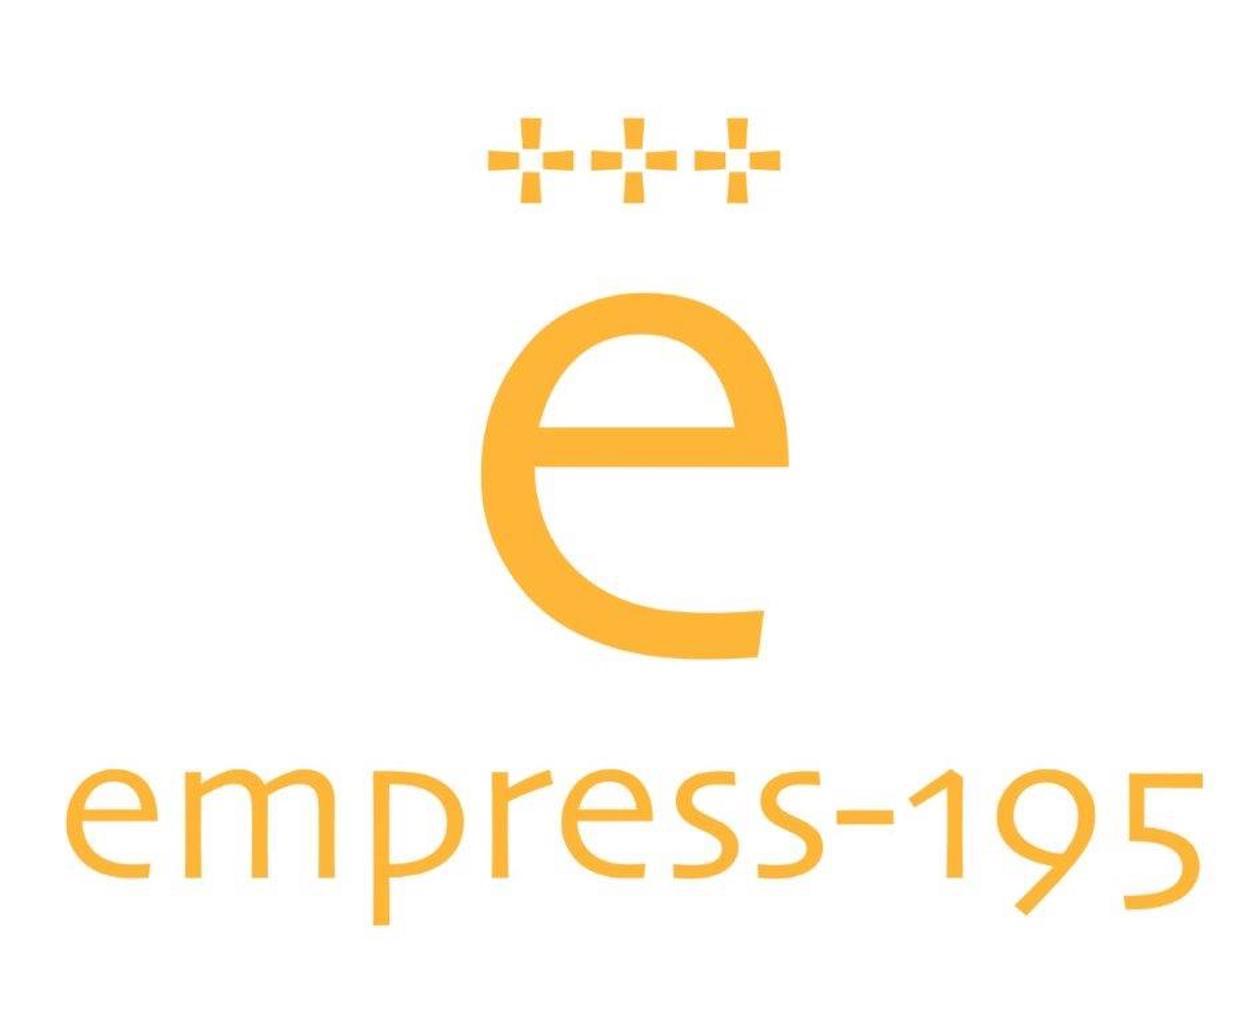 *empress-195*